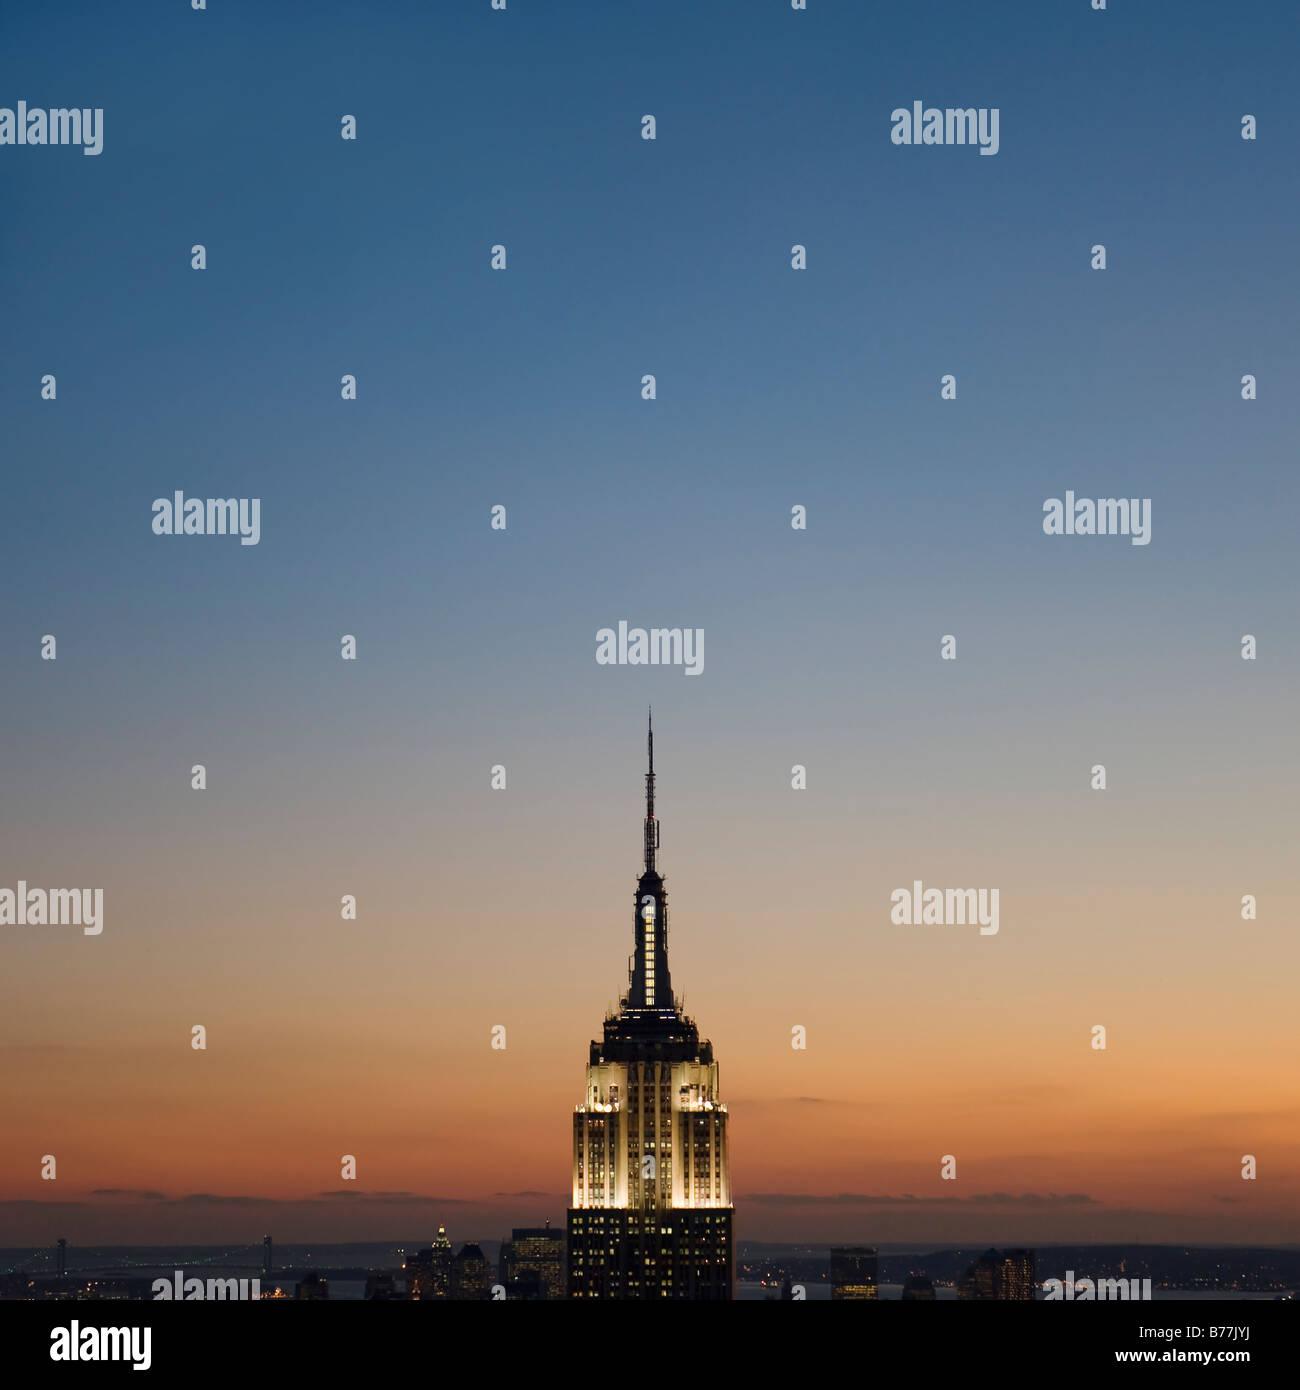 Vista de la puesta de sol del Edificio Empire State. Imagen De Stock